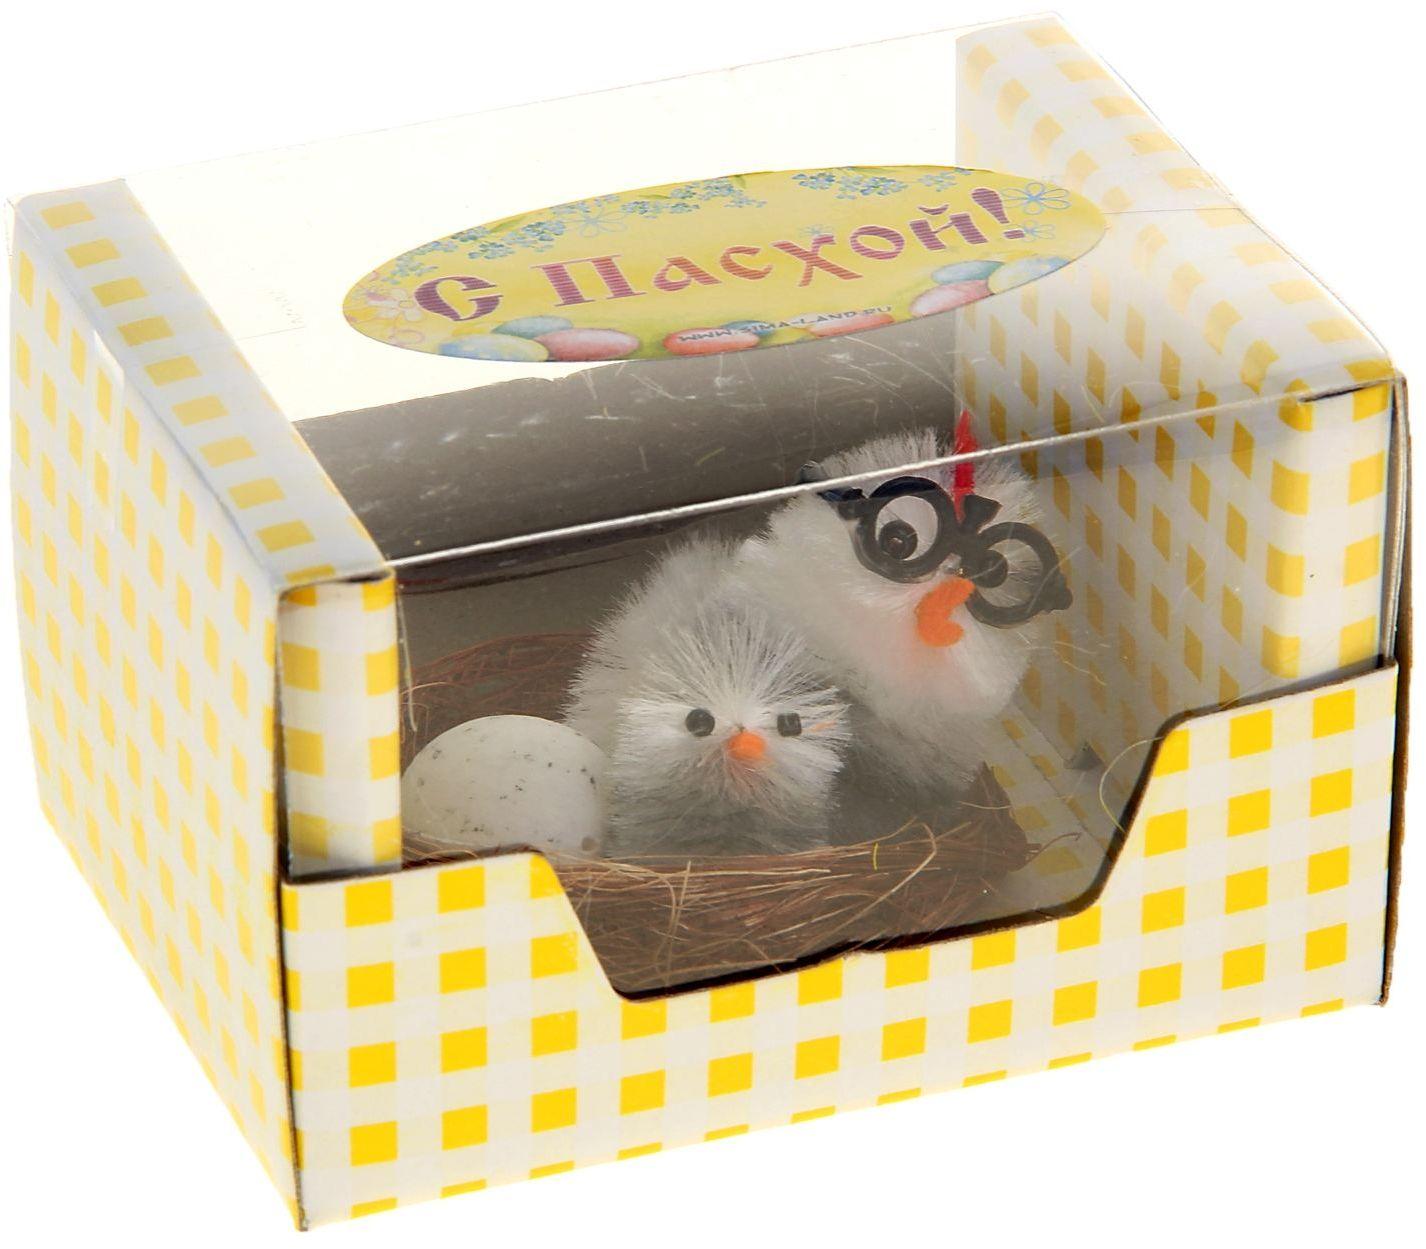 Сувенир пасхальный Sima-land Цыпа в очках с цыпленком и яйцомTHN132NДарить подарки на Пасху – это такая же традиция, как красить яйца и выпекать куличи. Презенты вдвойне приятнее, если они несут в себе сакральный смысл и имеют какое-то значение.Сувенир Цыпа в очках с цыпленком и яйцом - это символ возрождения и непрерывности жизни. С его помощью вы сможете украсить жилище, преподнести его близкому человеку или использовать при сервировке стола всю пасхальную неделю. Кроме того, пасхальные цыплята нравятся маленьким деткам.